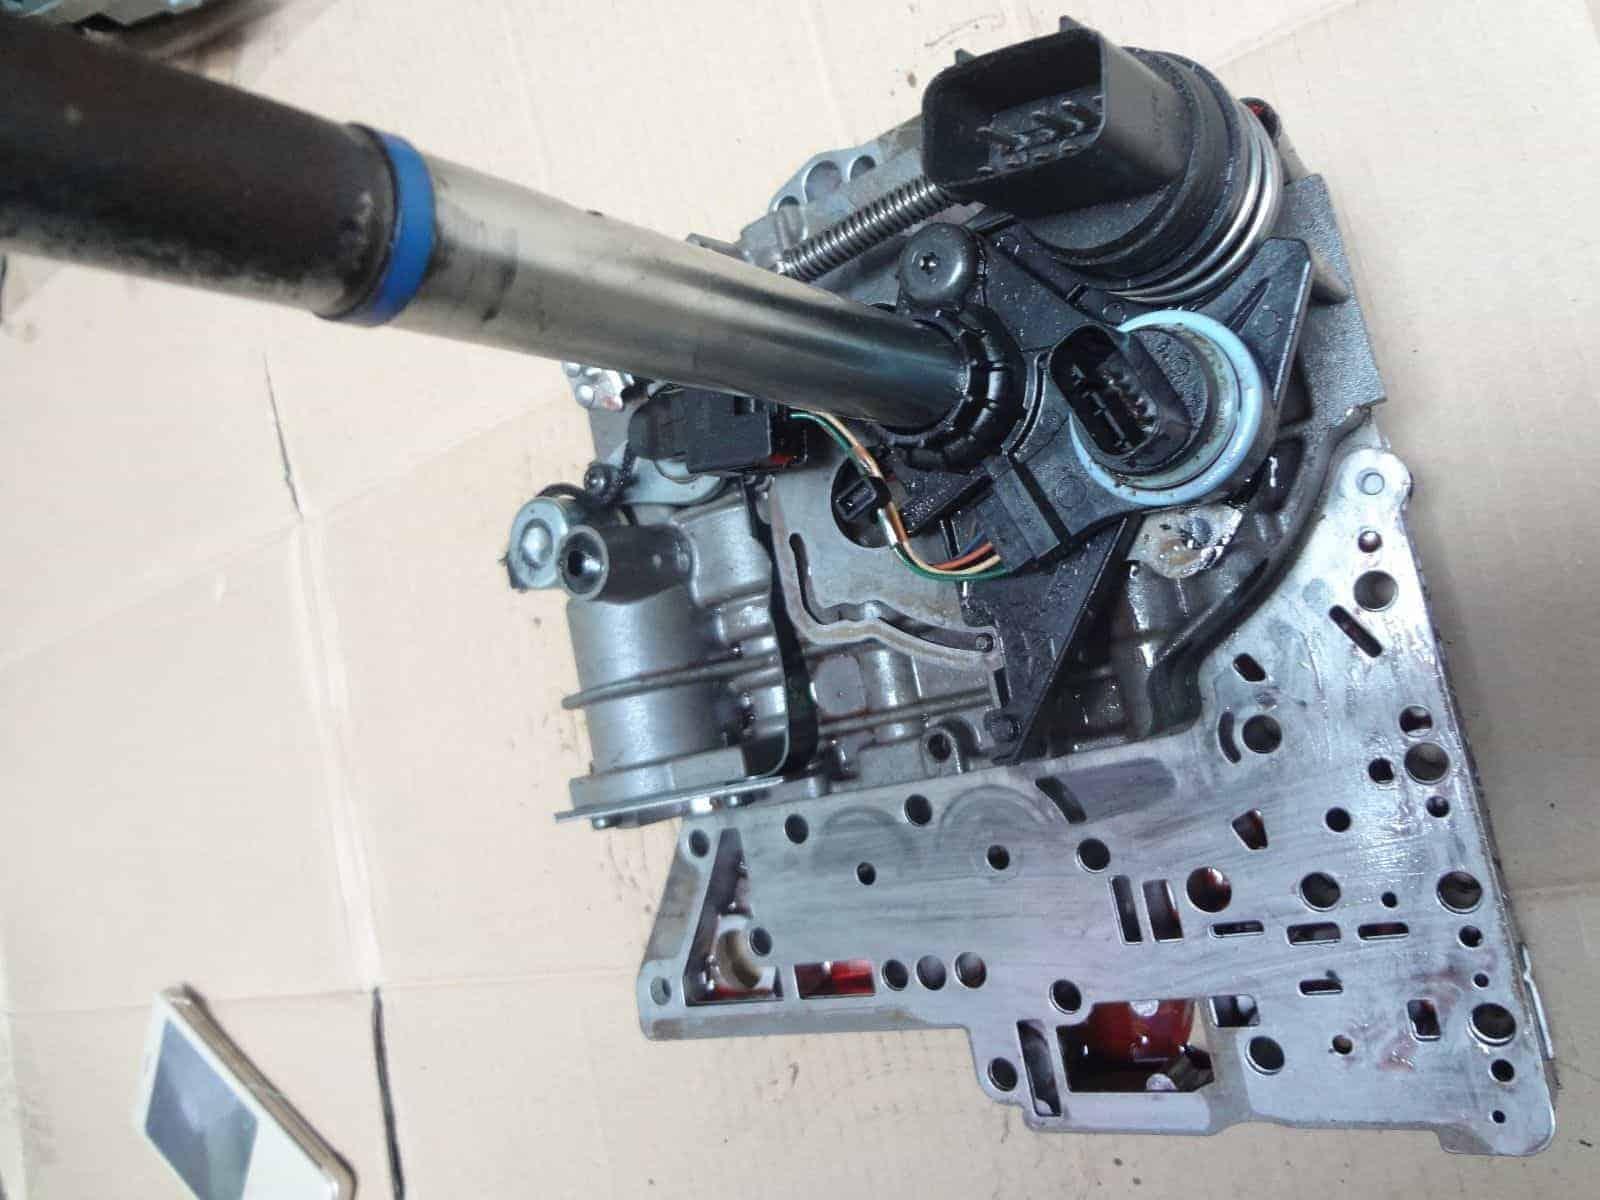 41TE A604 Valve Body for CHRYSLER CIRRUS PACIFICA DODGE AVENGER GRAND  CARAVAN JOURNEY SEBRING